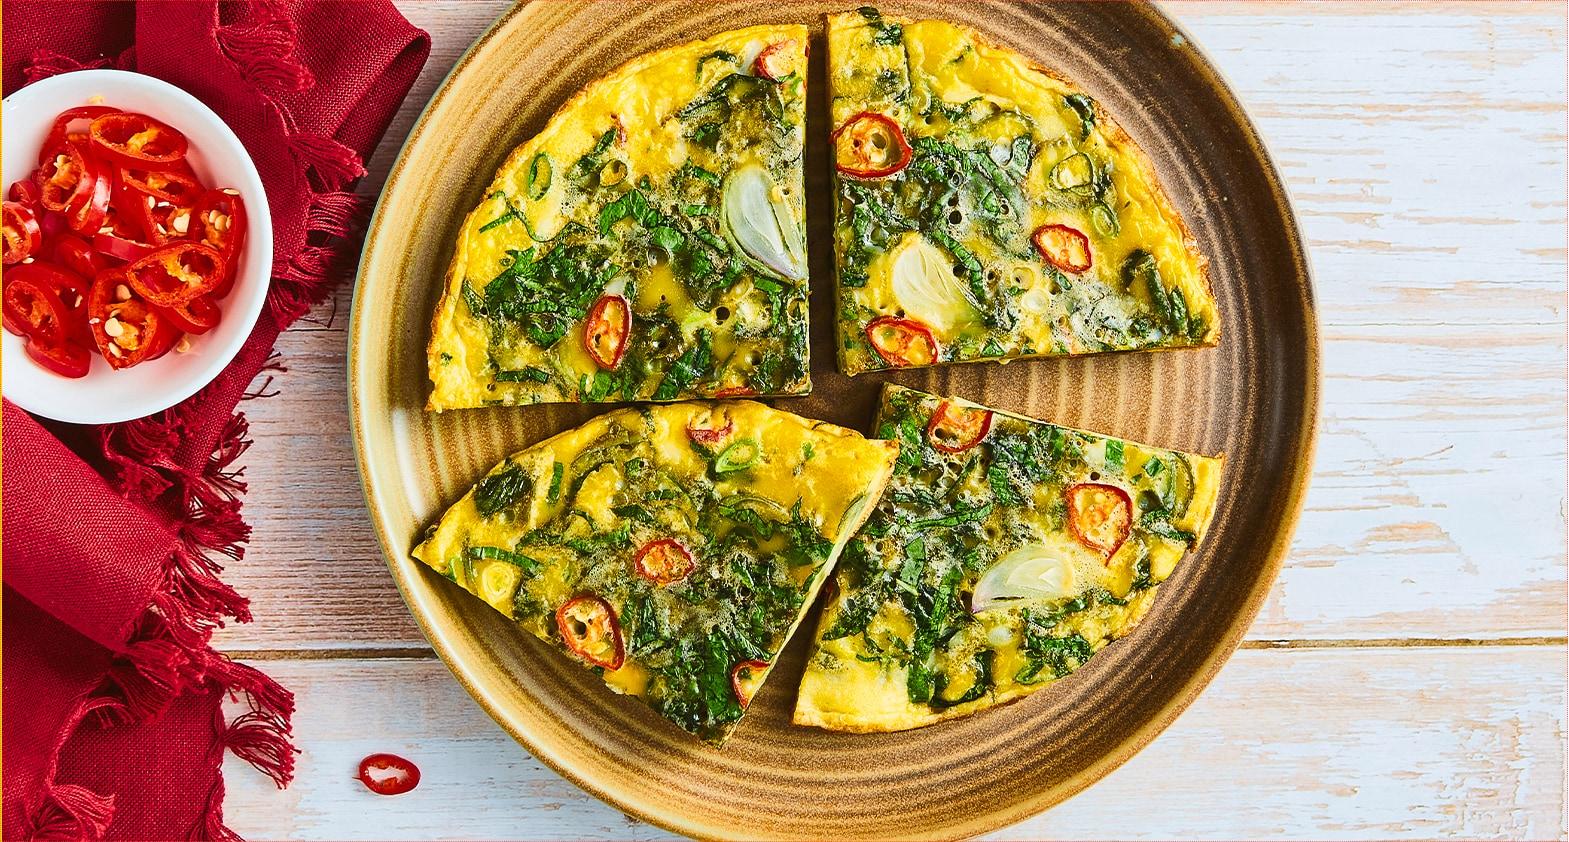 Telur dadar bayam dipotong empat dan siap disajikan